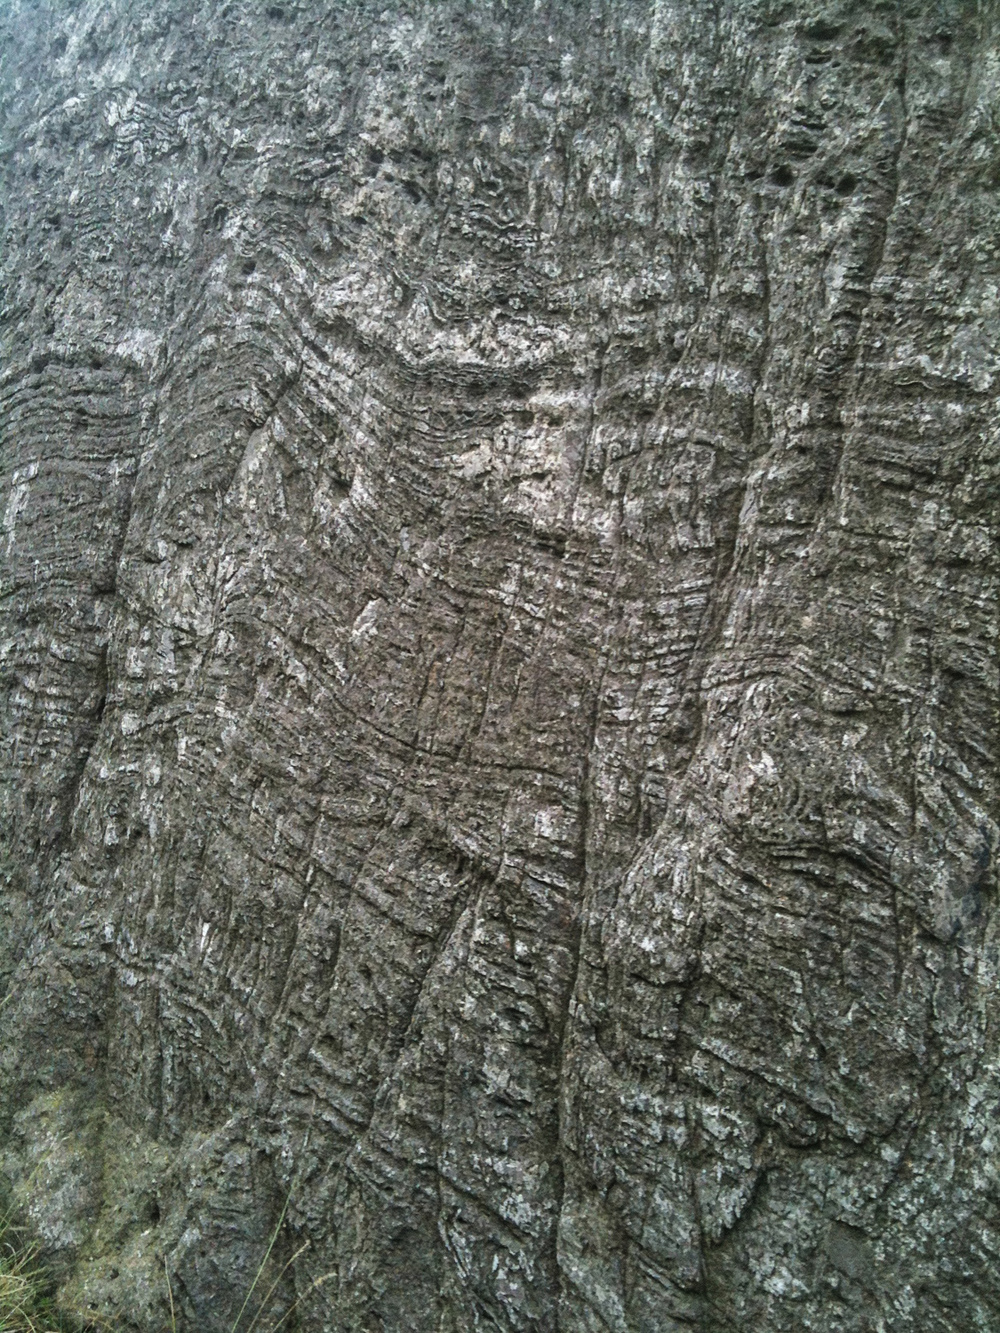 Flow banded rhyolite in our back garden, Nantperis